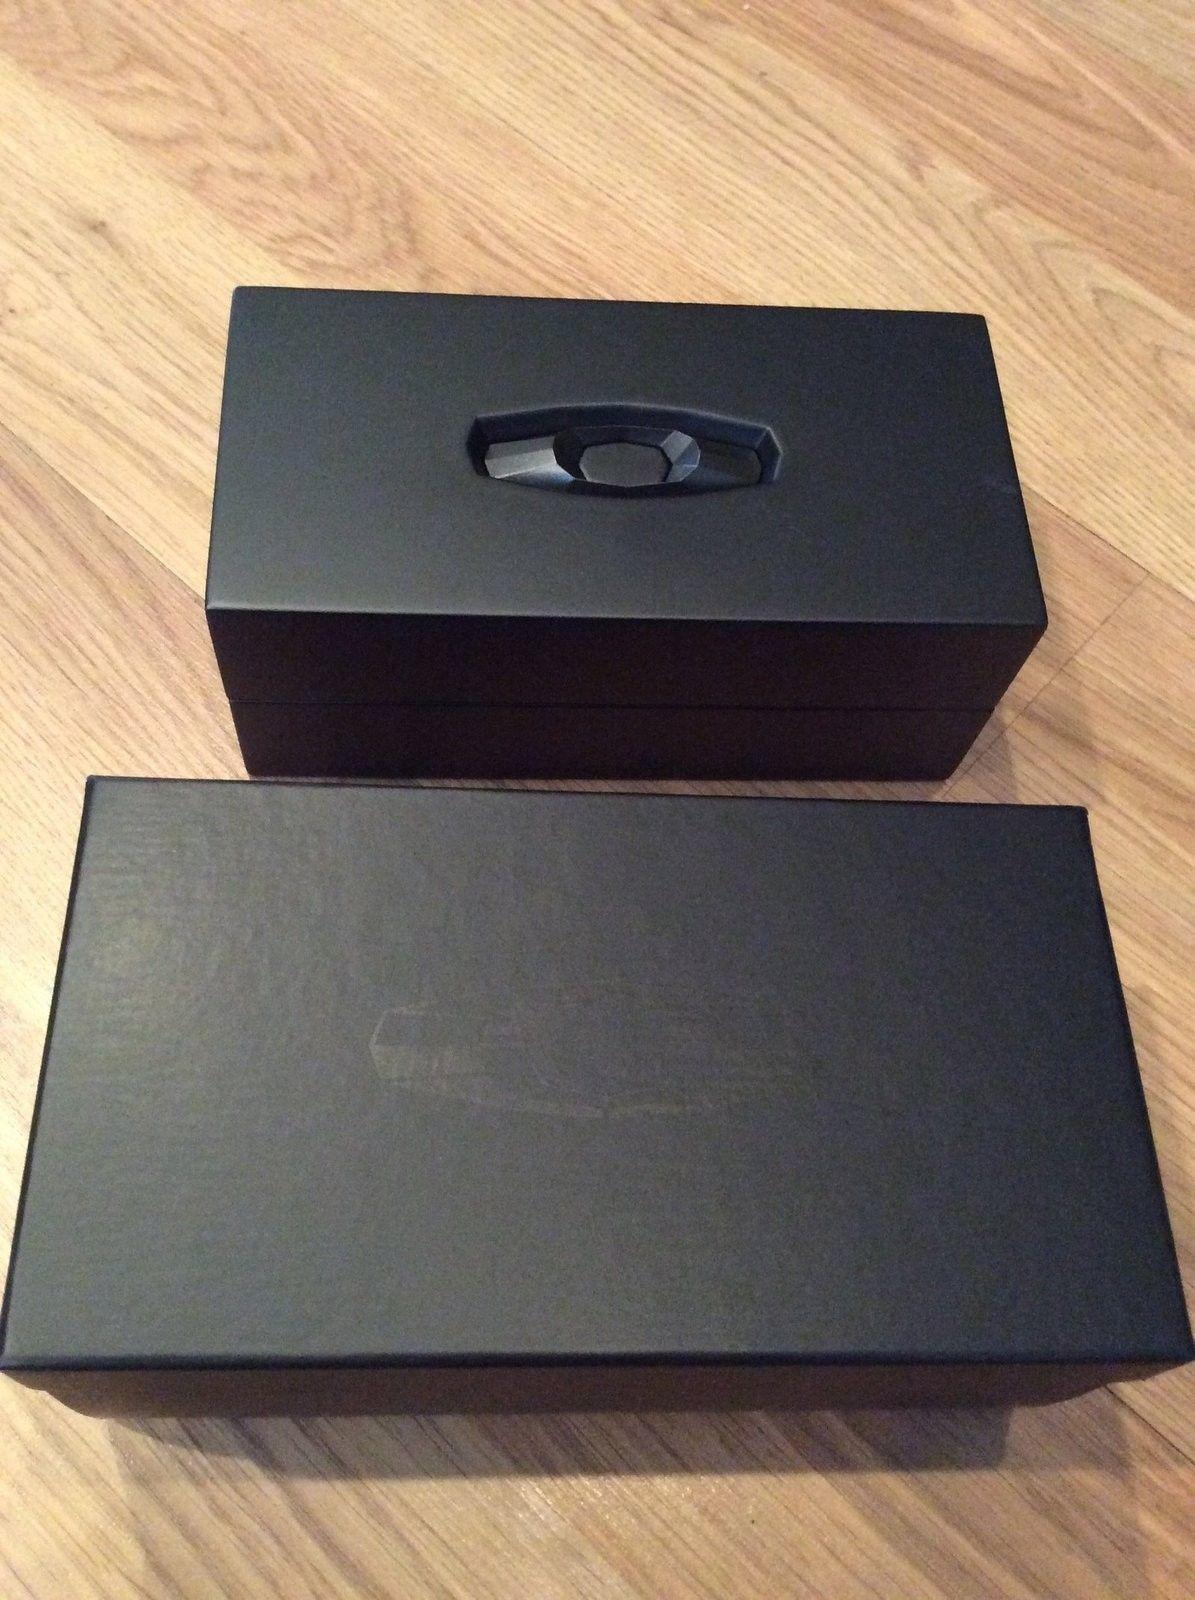 Pit Boss 1 $250 Shipped - image.jpeg